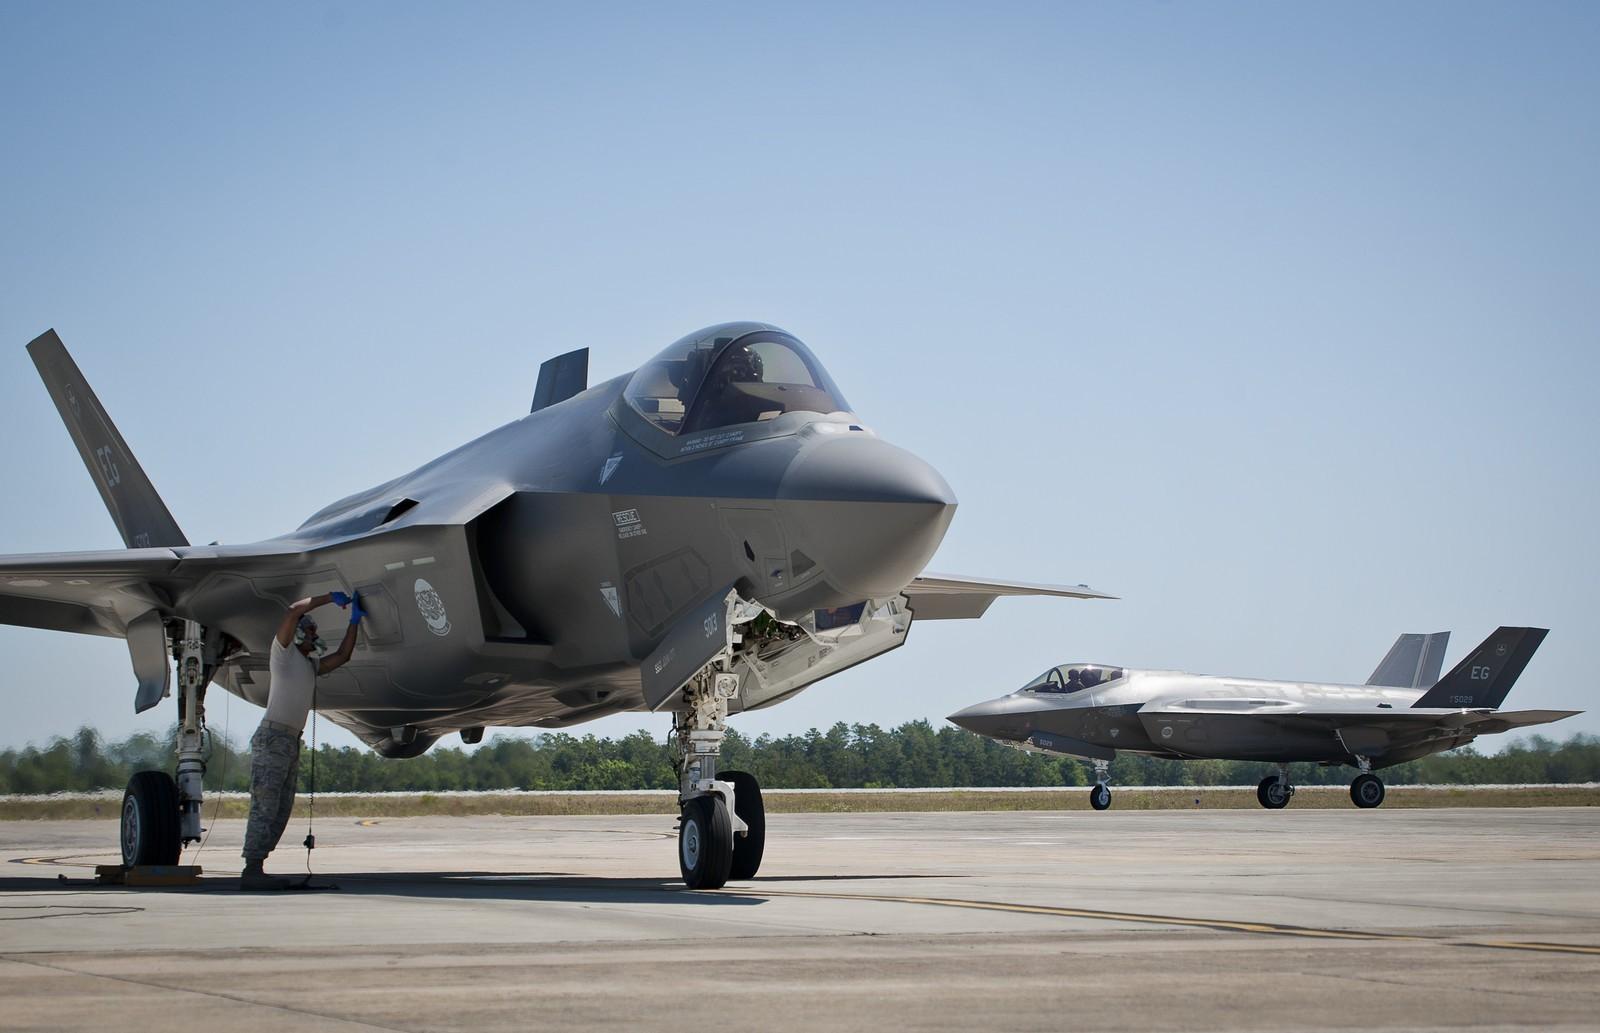 미 플로리다주에서 화재 사고를 겪은 F-35 전투기